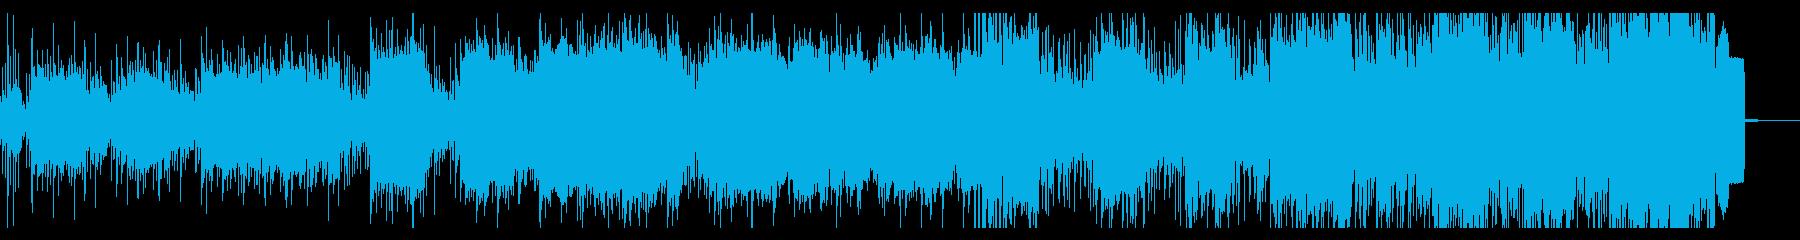 デジタルで陰鬱なアンビエントメタルの再生済みの波形